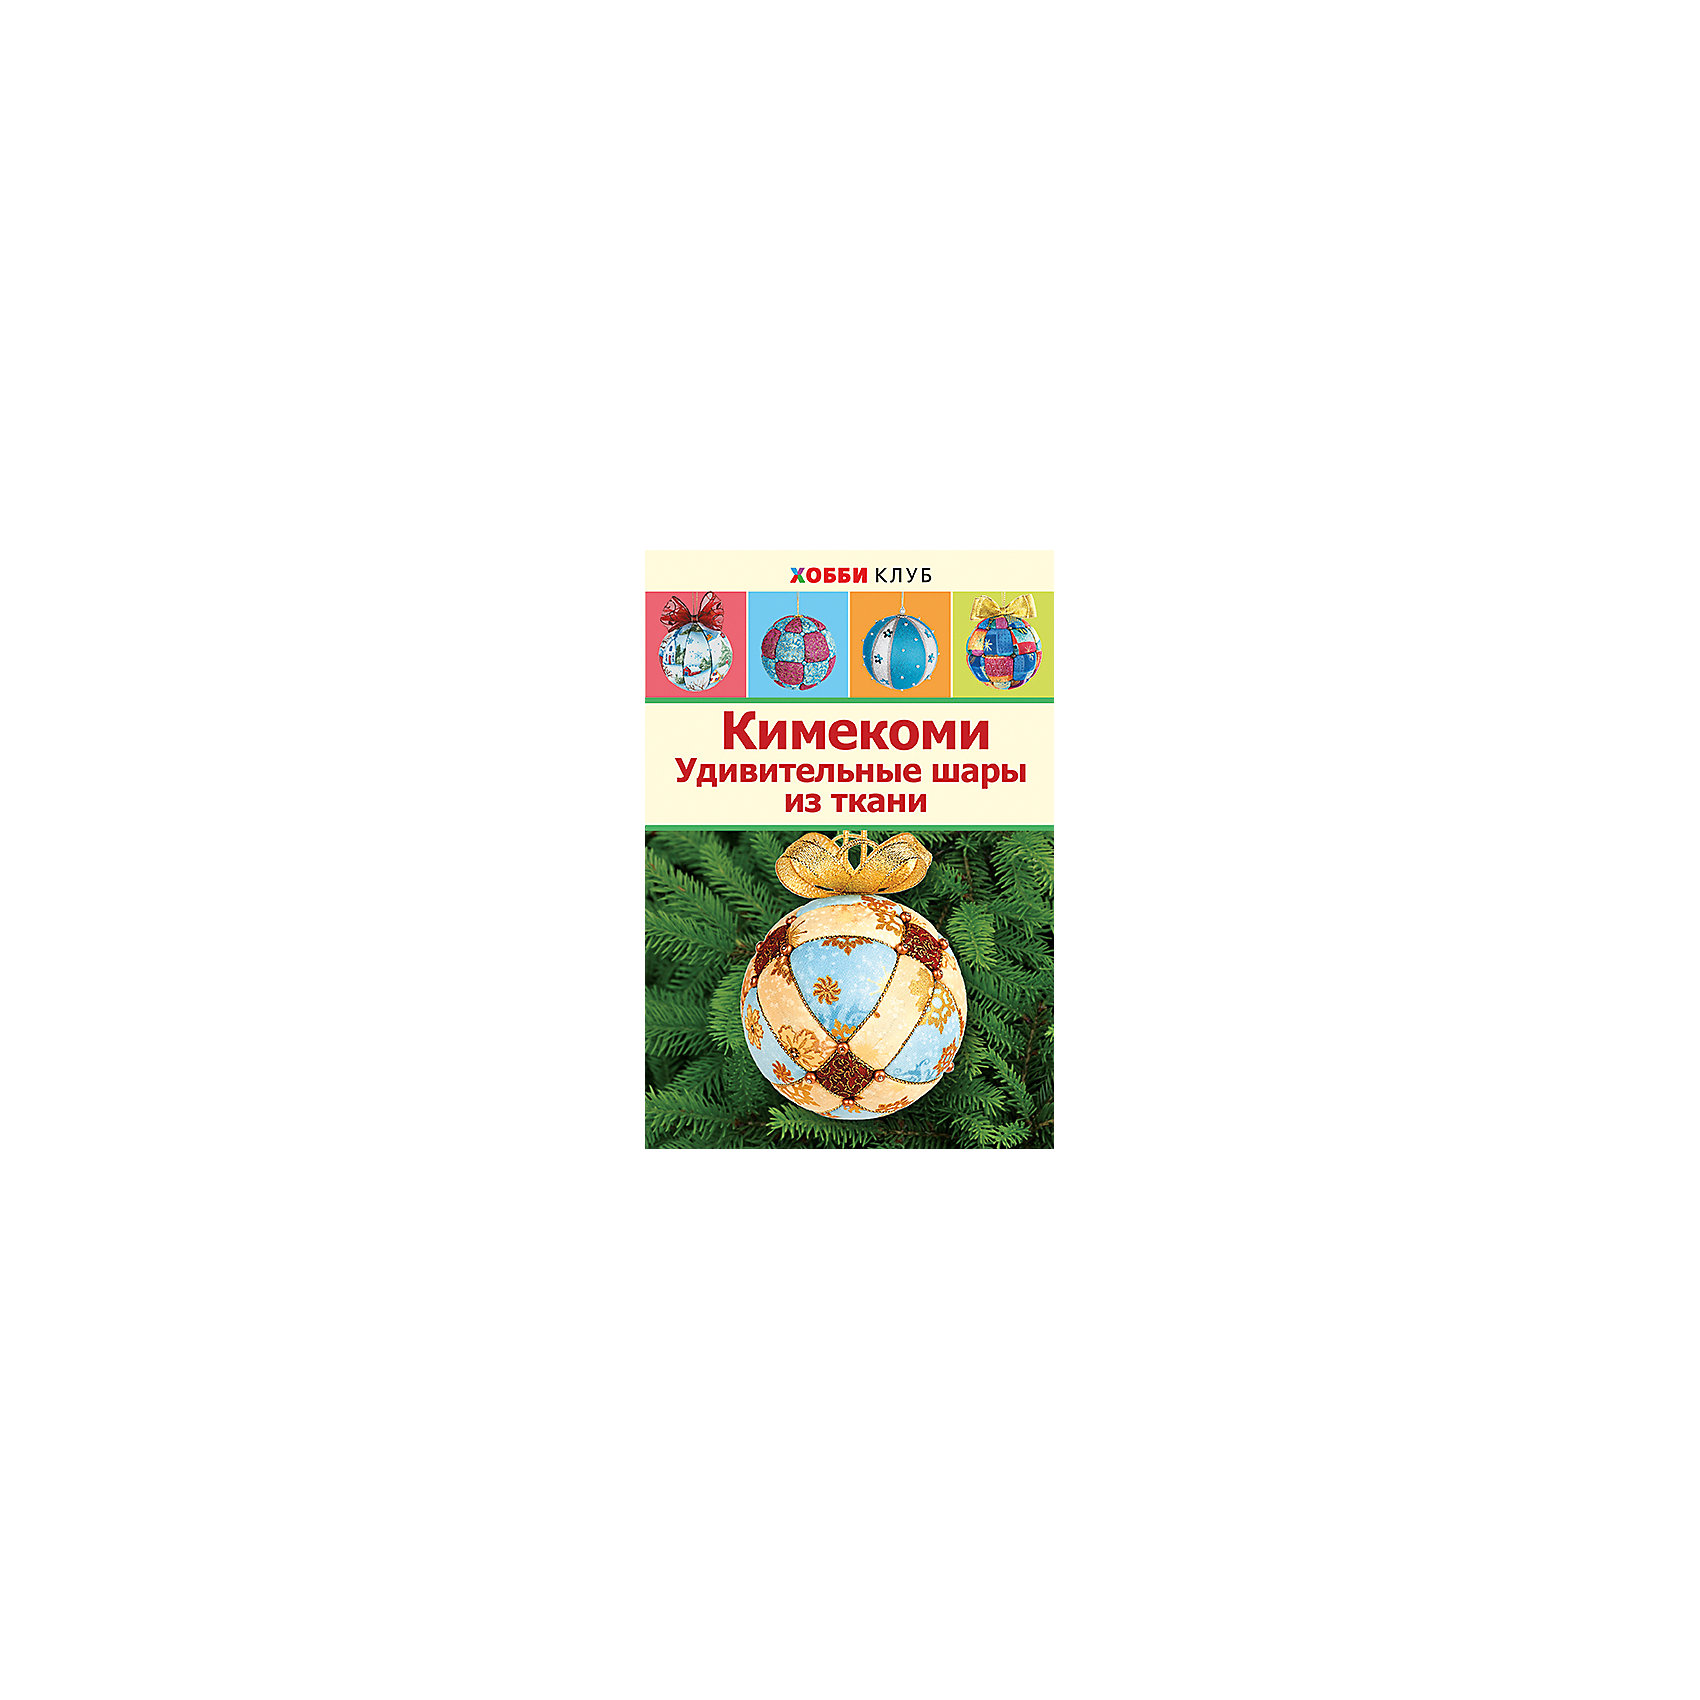 Книга Кимекоми. Удивительные шары из тканиТехника кимекоми существует в Японии уже почти триста лет. Изначально в ней делали кукол, а в наше время наиболее популярное ее применение – изготовление новогодних шаров. Однако работы в технике кимекоми можно использовать и в других целях: для украшения праздничного стола и оформления интерьера. Для выполнения шара кимекоми вам понадобятся только лоскутки ткани и пенопластовая основа. Это делает технику доступной для множества людей. Выбор форм, материалов, декоративных элементов сегодня настолько велик, что возможности для творчества становятся практически безграничными. Поддайтесь и вы очарованию древнего японского искусства.         Экспериментируйте, смело сочетайте цвета и ткани, изобретайте новые способы разметки. Творите и получайте от этого удовольствие!<br><br>Дополнительная информация:<br><br>- Автор: Авгученко Ирина.<br>- Формат: 21х14,3 см.<br>- Количество страниц: 32<br>- Переплет: мягкий.<br>- Иллюстрации: цветные.<br><br>Книгу Кимекоми. Удивительные шары из ткани можно купить в нашем магазине.<br><br>Ширина мм: 145<br>Глубина мм: 2<br>Высота мм: 210<br>Вес г: 75<br>Возраст от месяцев: 72<br>Возраст до месяцев: 192<br>Пол: Унисекс<br>Возраст: Детский<br>SKU: 4416898